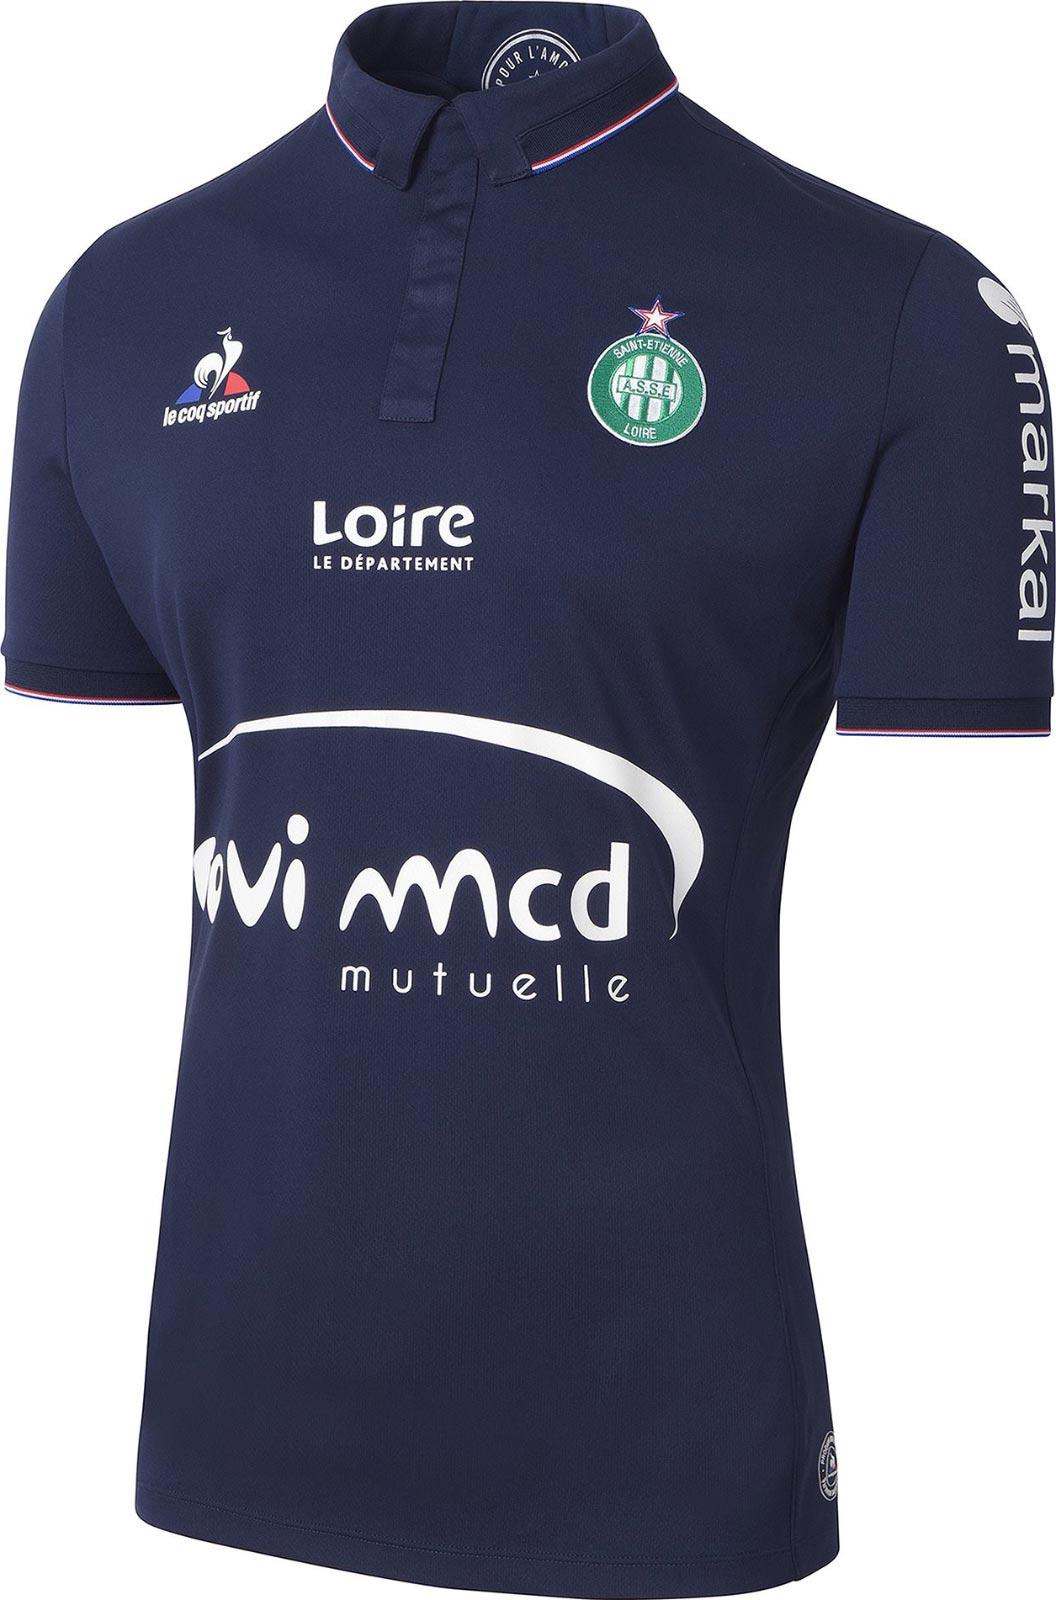 Maglie Ligue 1 2016/17